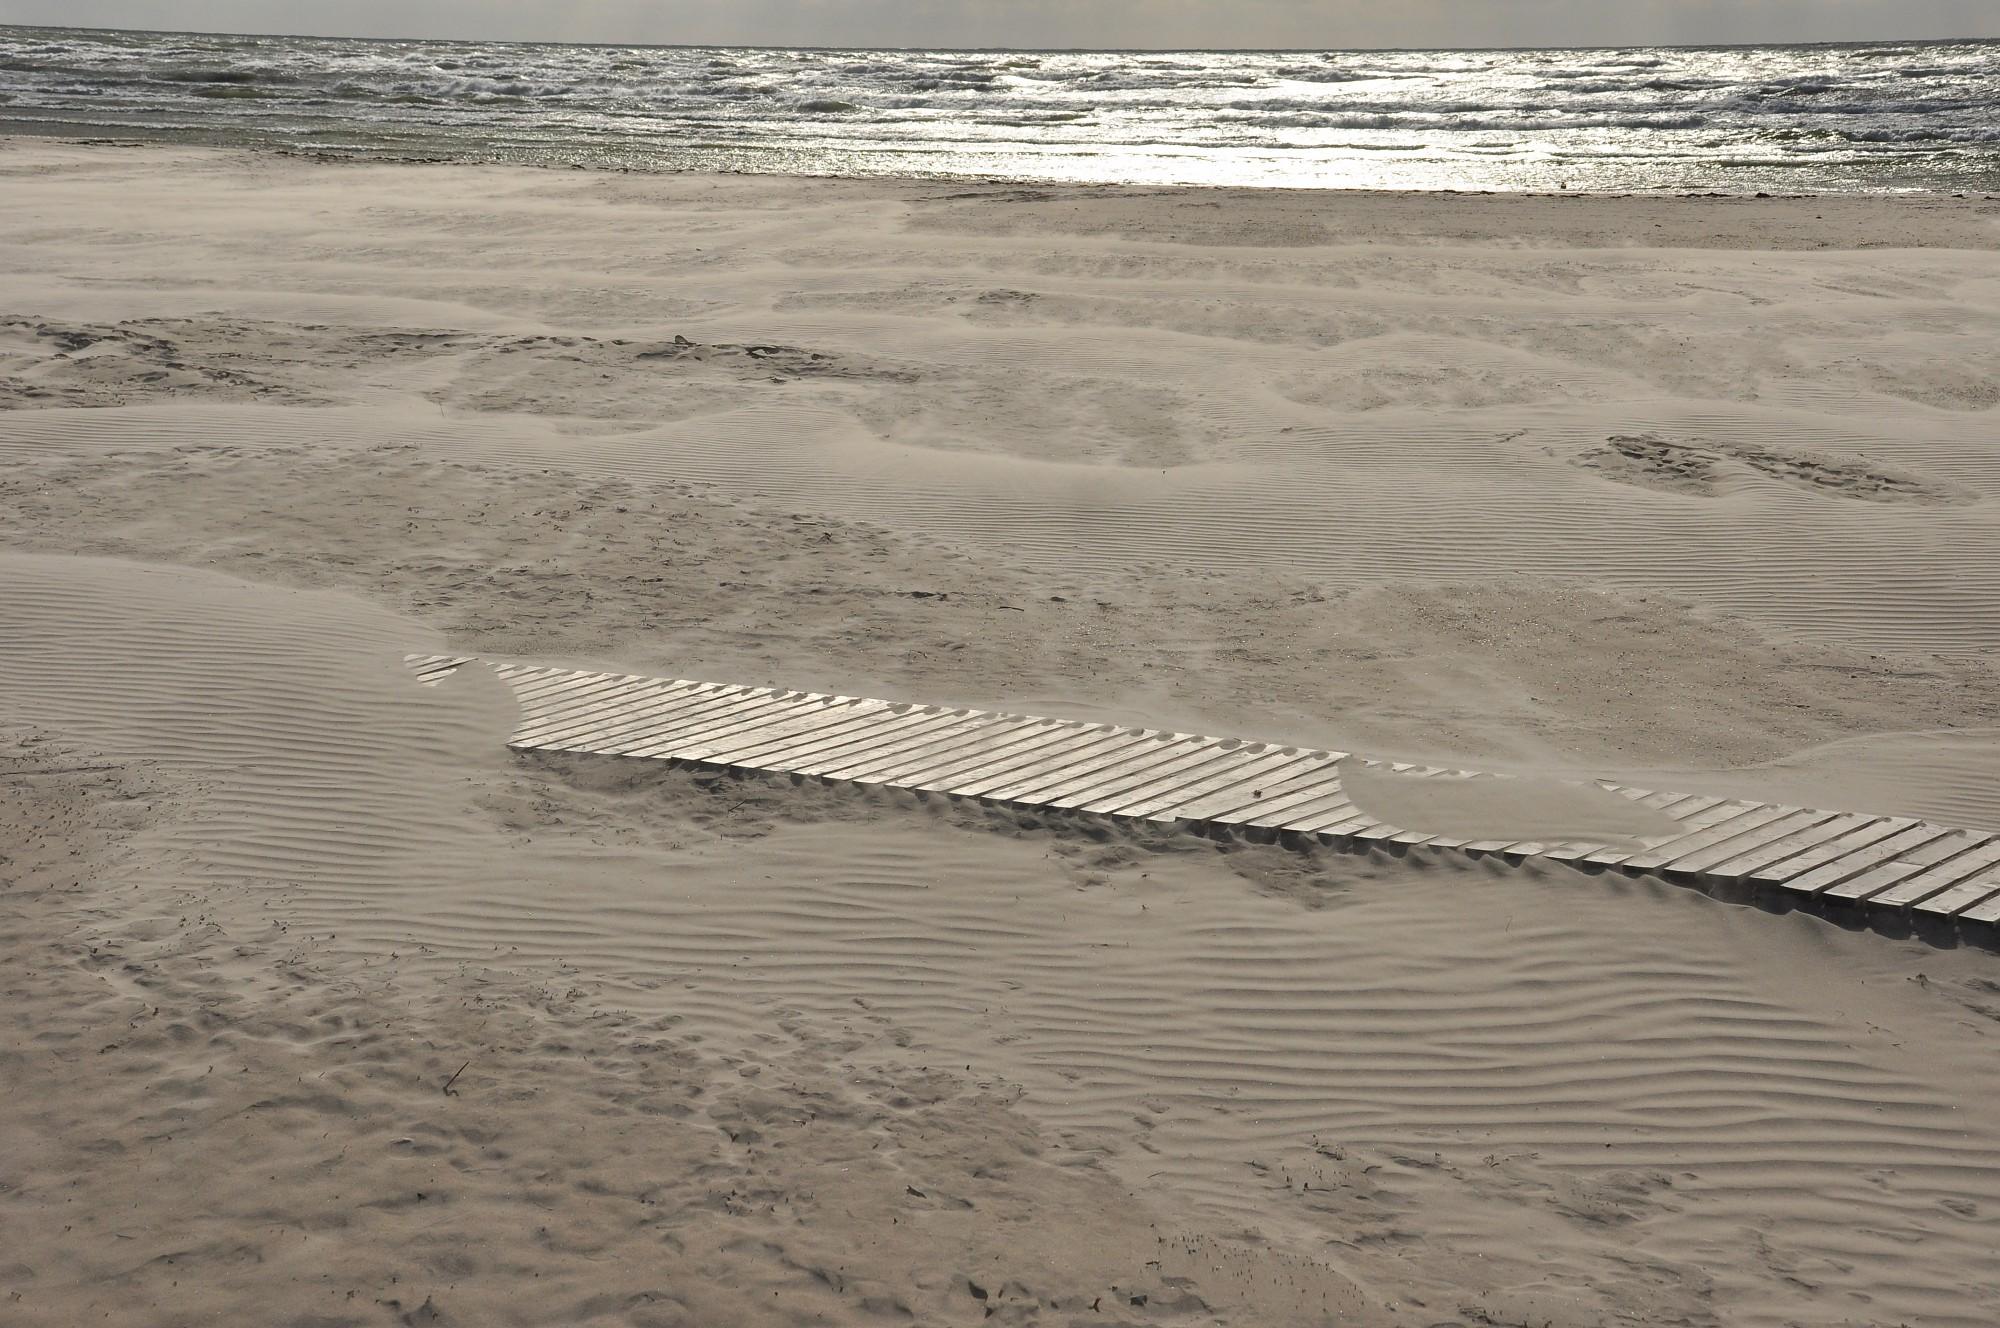 Liepājas pludmalē novērotas melnas smiltis